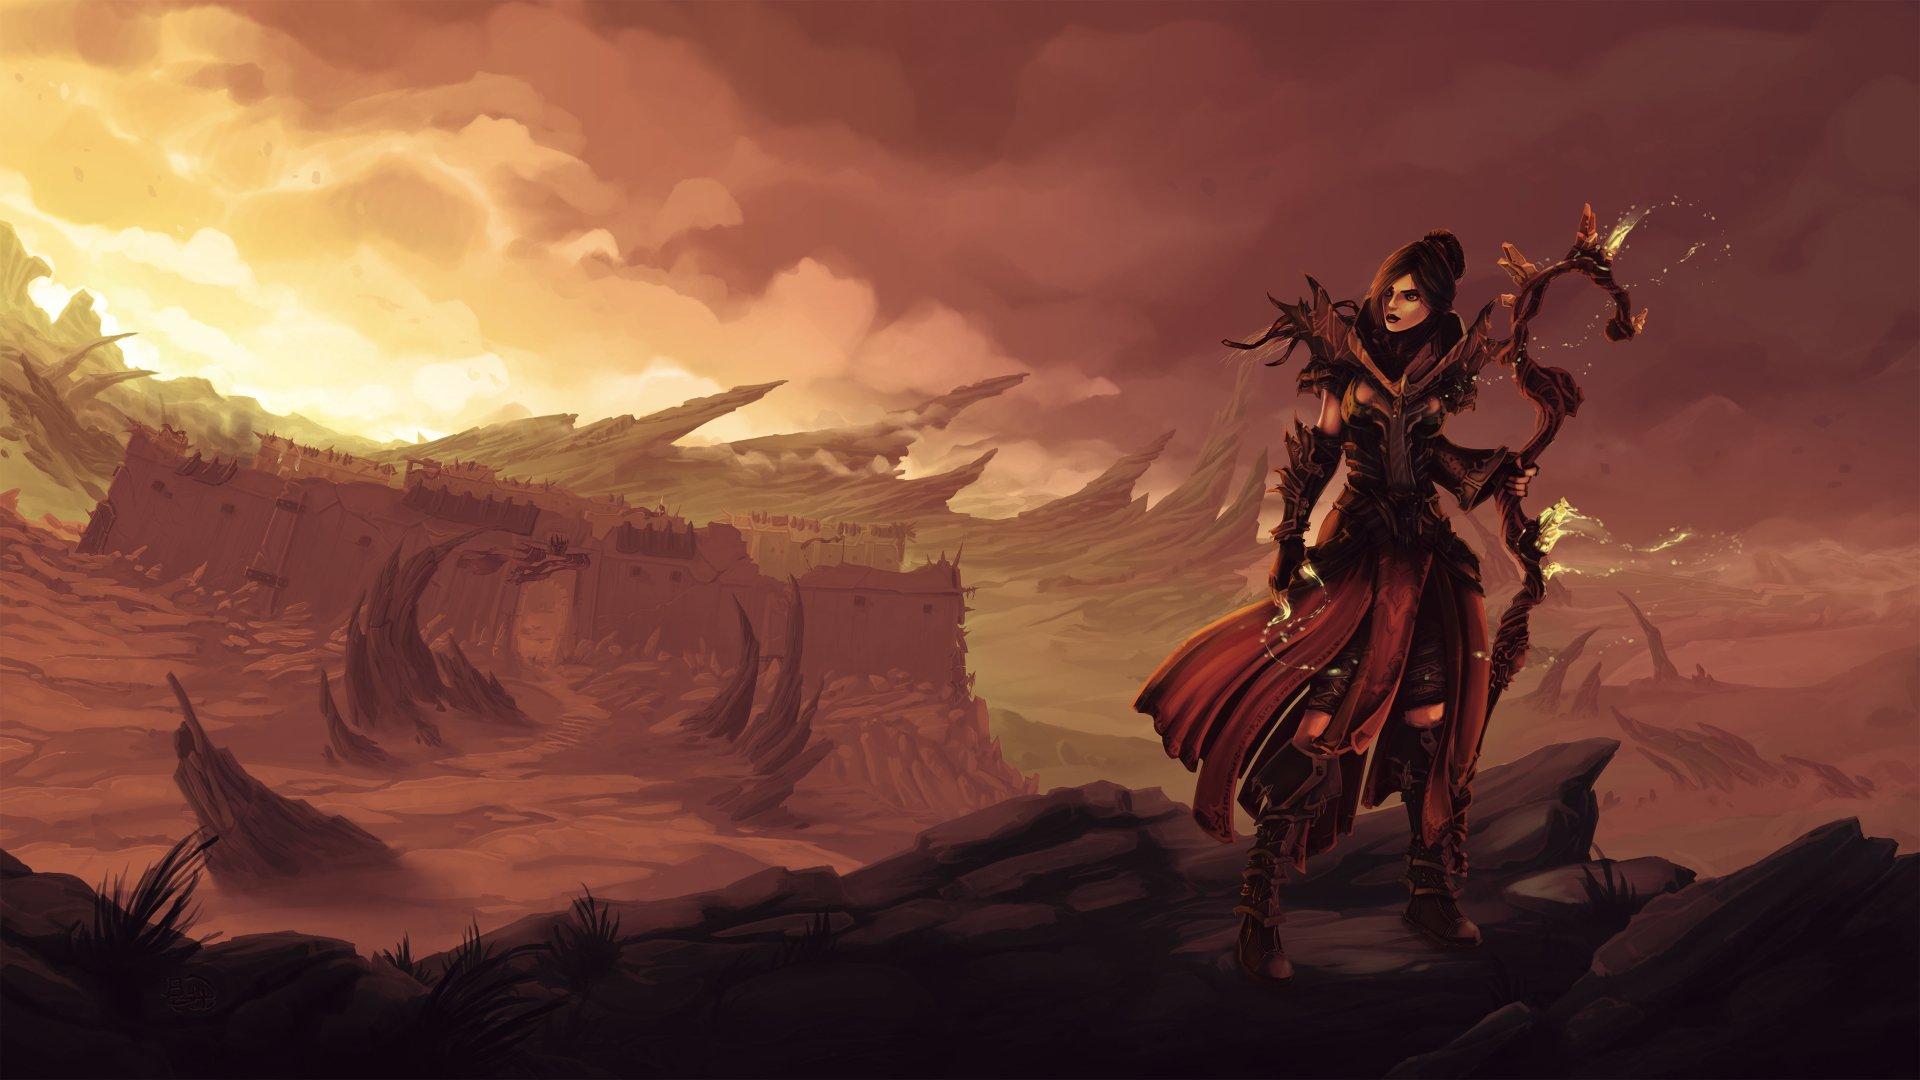 Diablo Wallpaper Hd Diablo Iii 4k Ultra Hd Wallpaper Background Image